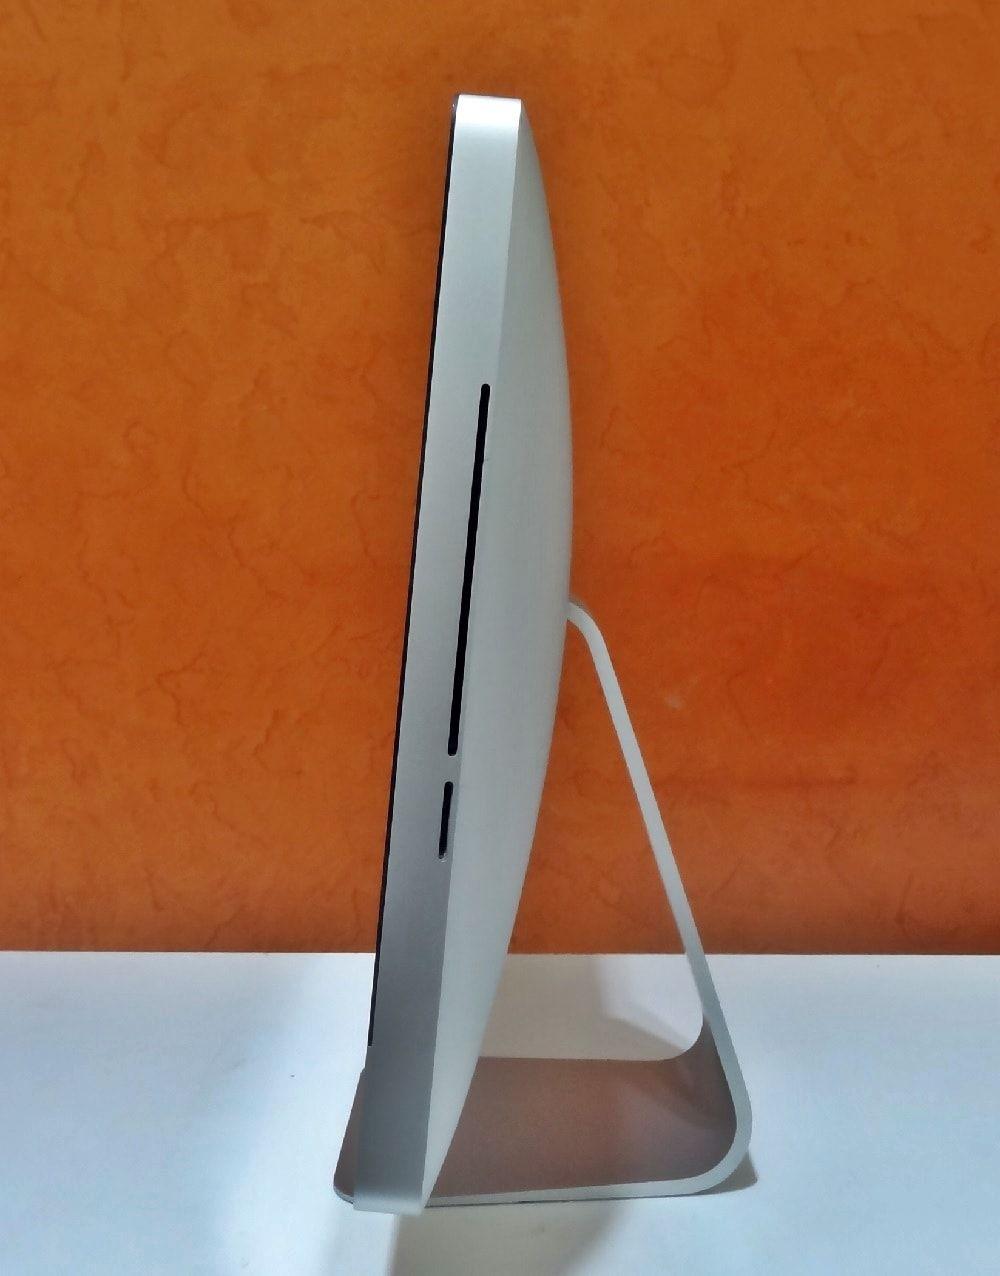 iMac MB950LL/A 21.5'' Intel Core 2 DUO 3.06GHz 8GB HD-1TB | DEDICADA - 256MB (NÃO ENVIAMOS)